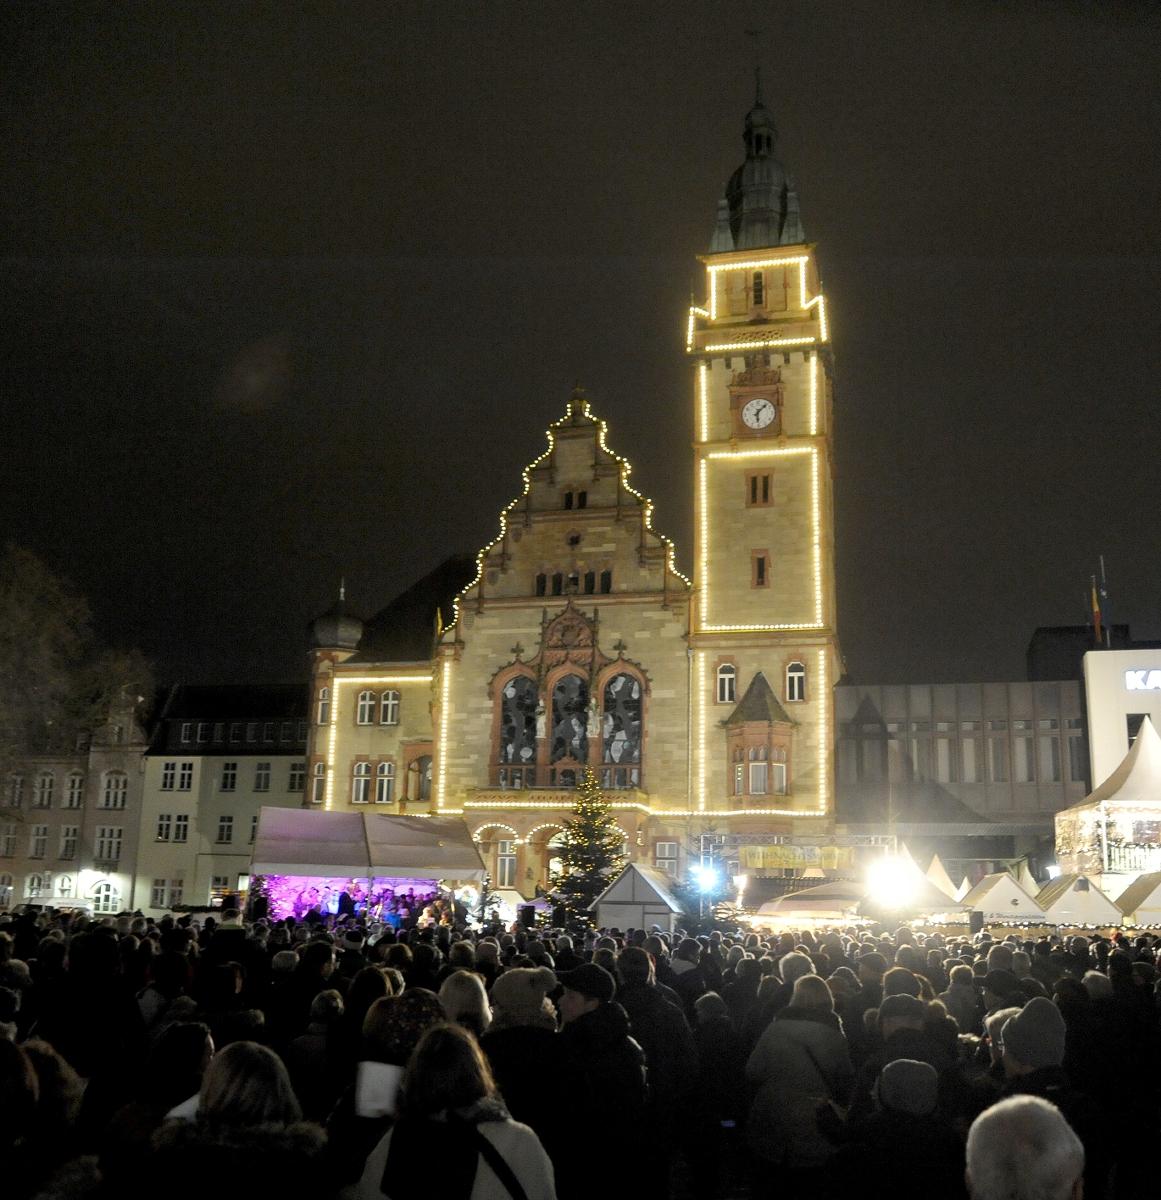 Wann Macht Man Die Weihnachtsbeleuchtung An.Mönchengladbach Weihnachtsbeleuchtung Märkte Stadt Im Advent